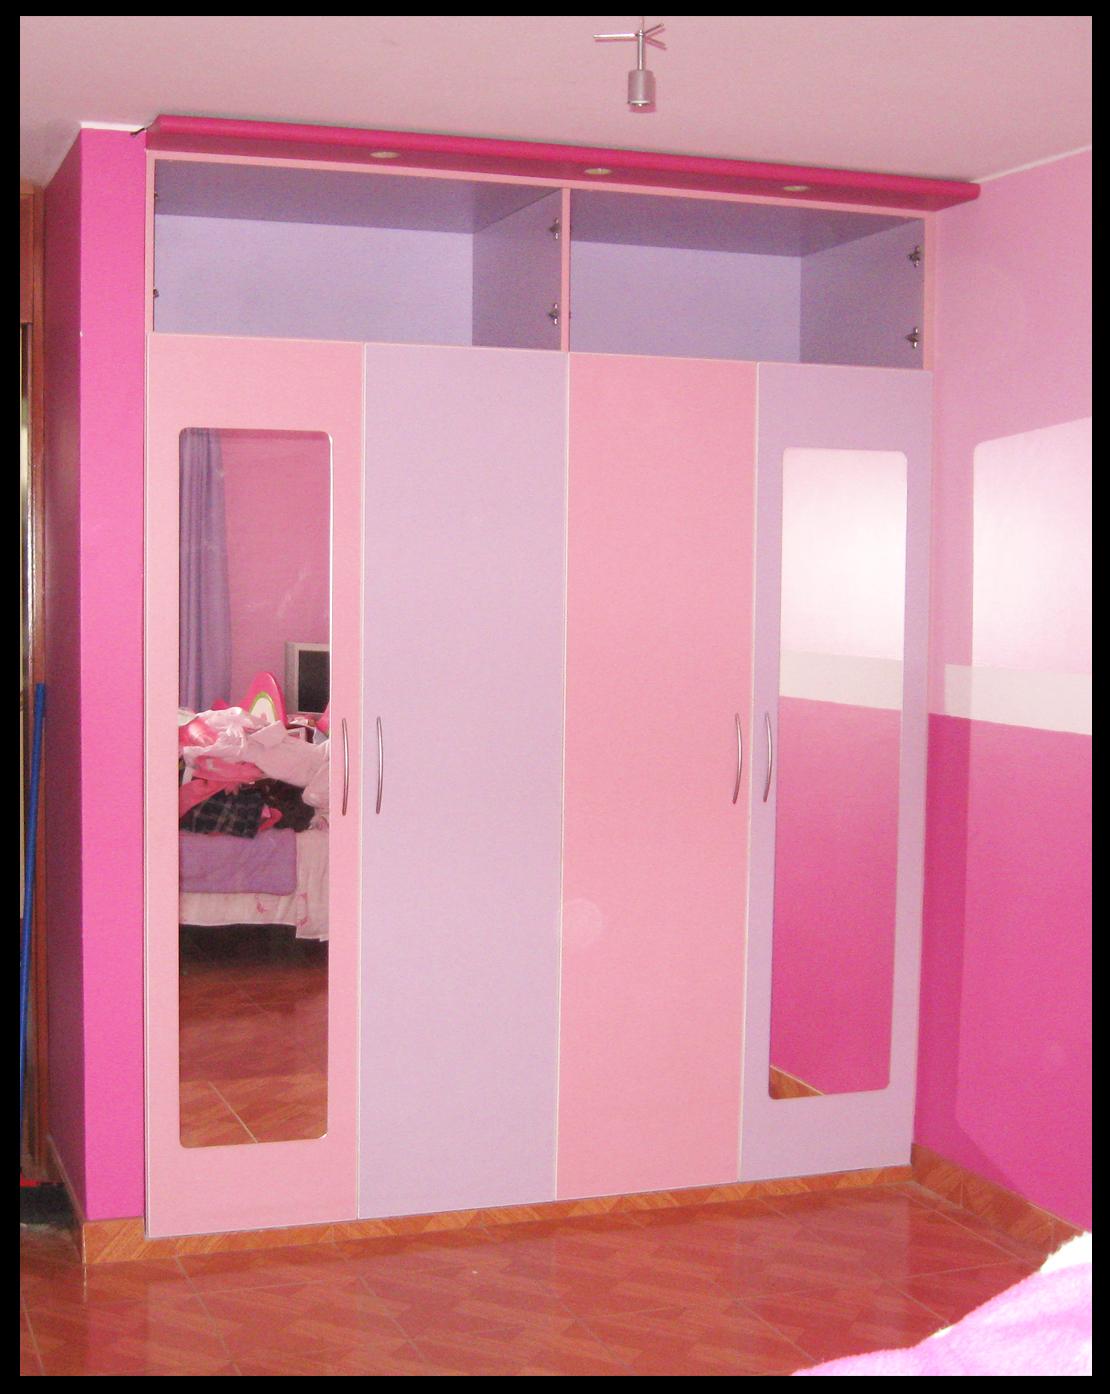 Muebles jose luis chingay modelo exclusivo a1 muebles for Zapateras de metal